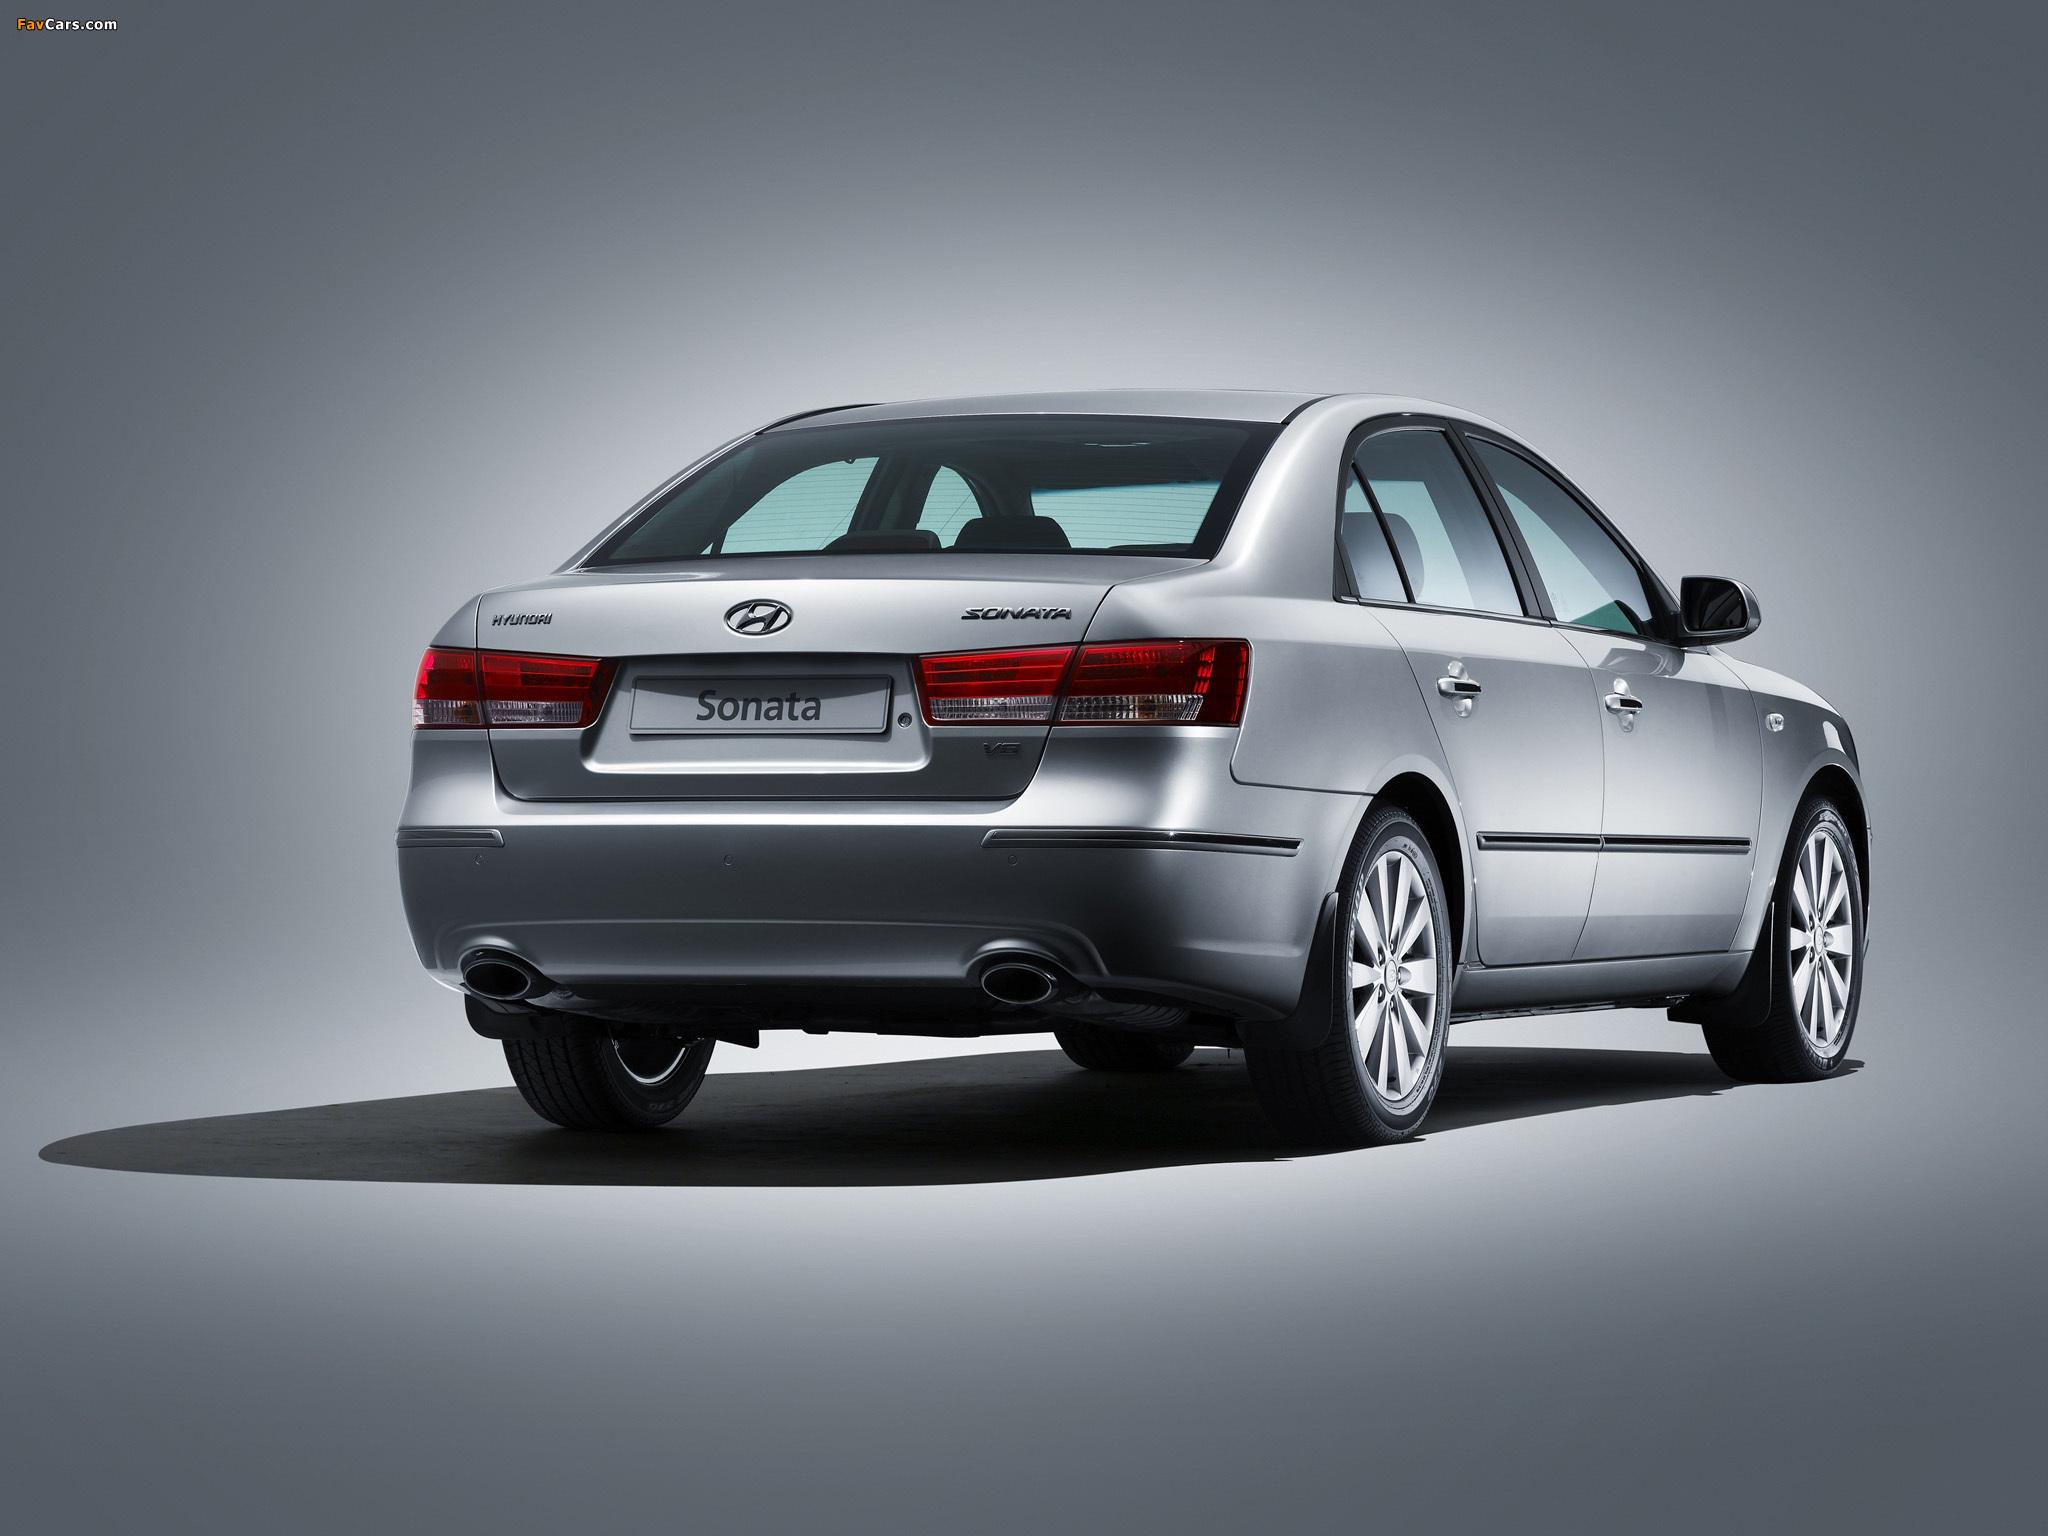 Ресурс деталей передней подвески Hyundai Sonata NF